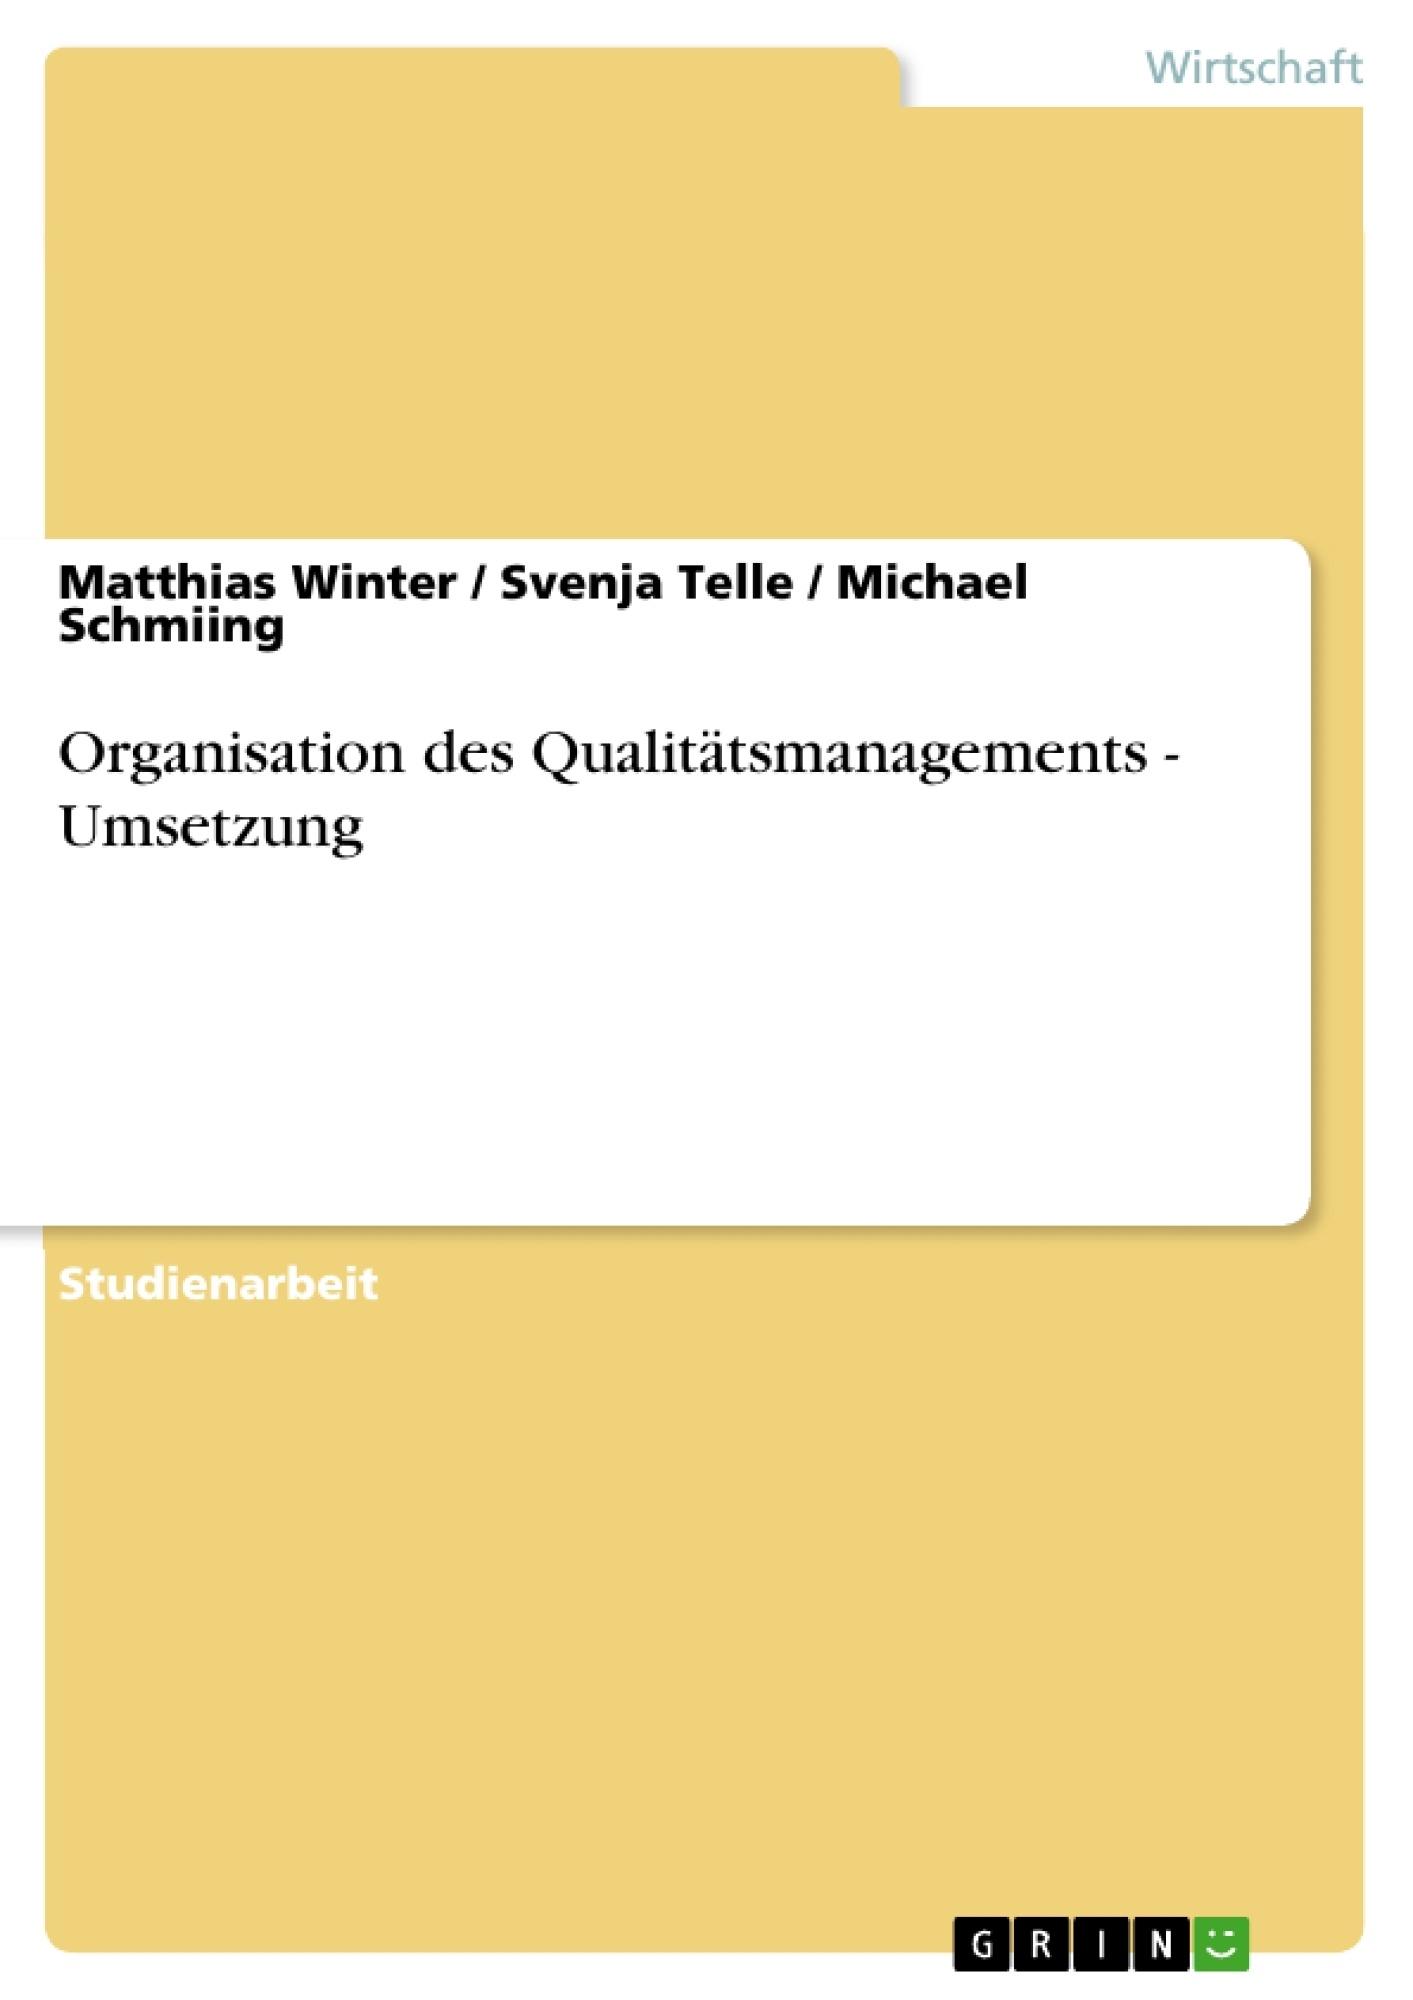 Titel: Organisation des Qualitätsmanagements - Umsetzung